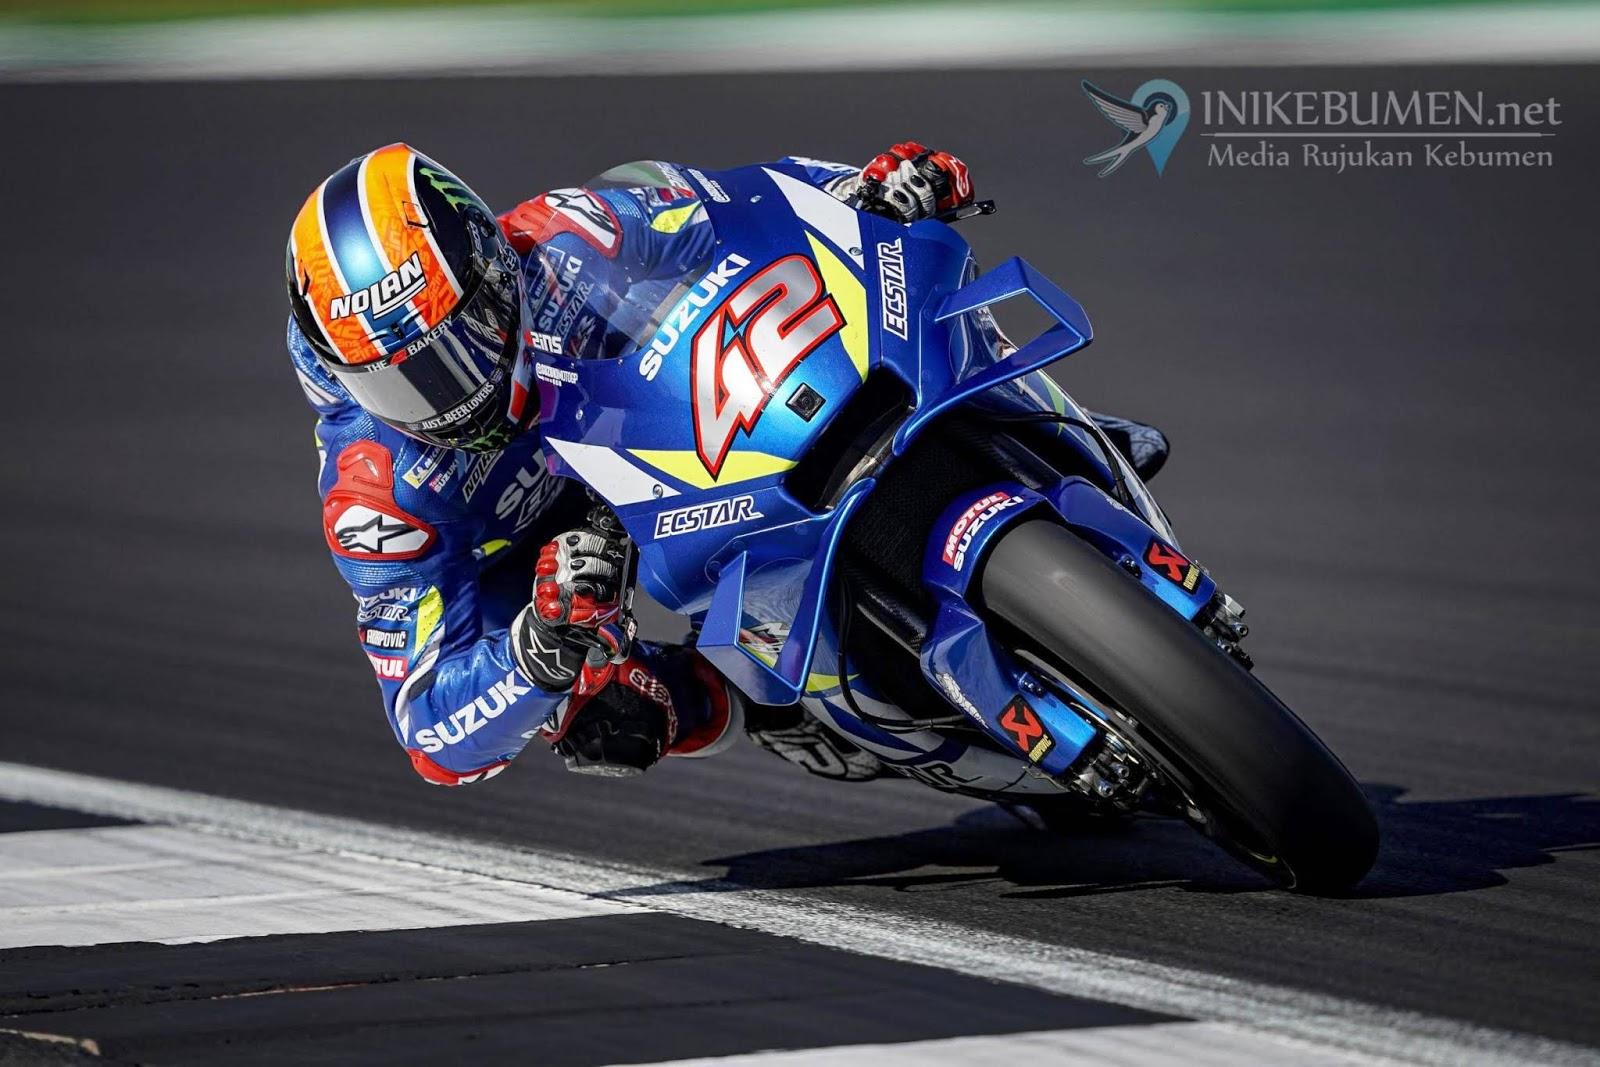 Beri Kejutan di Garis Finish, Alex Rins Rebut Poin Tertinggi di Moto GP Silverstone